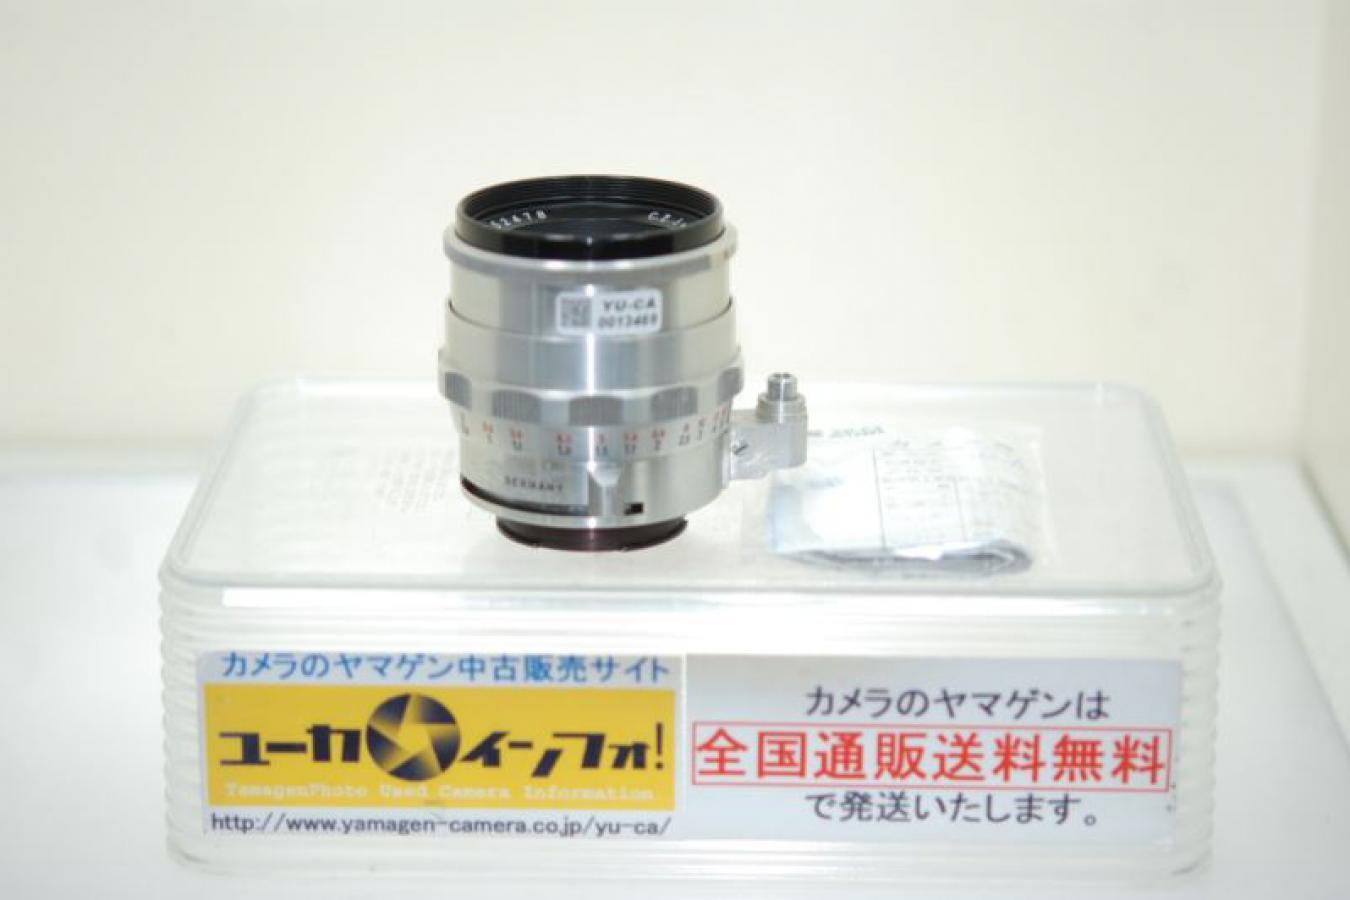 Carl Zeiss JENA ビオター 58mm F2 整備済 【エキザクタマウントレンズ】